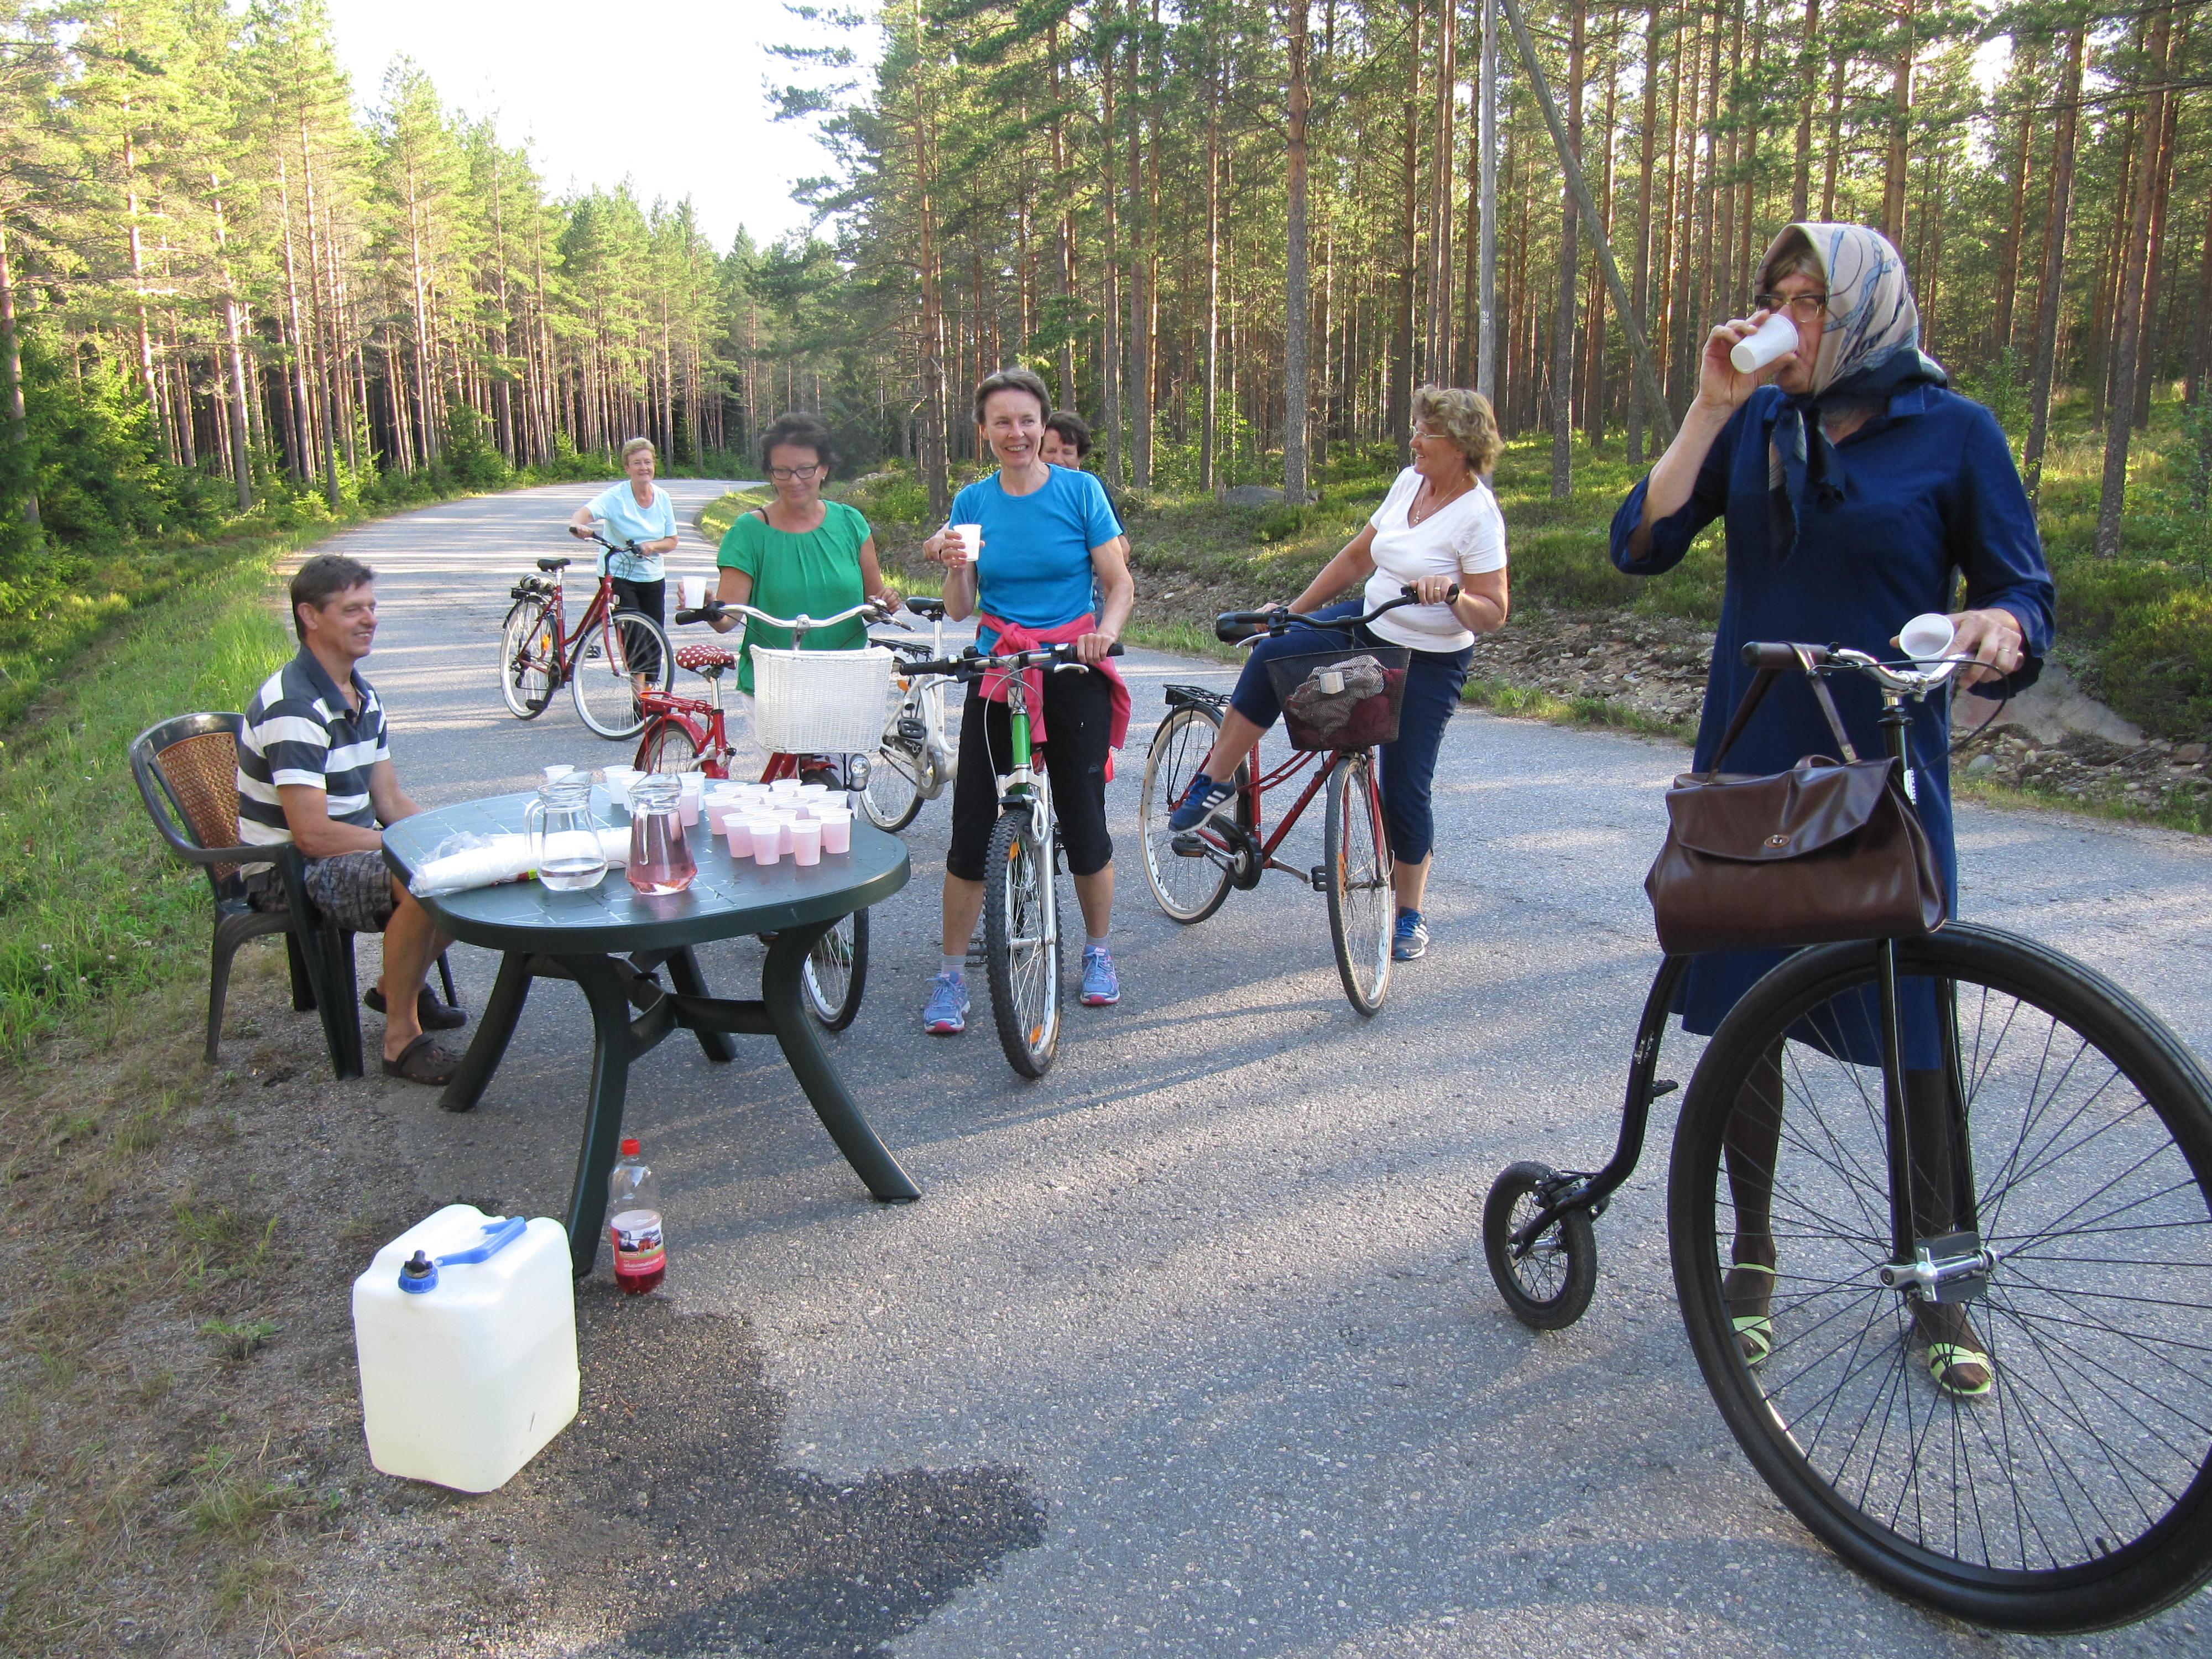 """År 2014 skötte Jouni Malinen om saften åt deltagarna i Majbolänken. Till höger """"Hulda från Klemetsändan"""" på en gammaldags cykelmodell."""